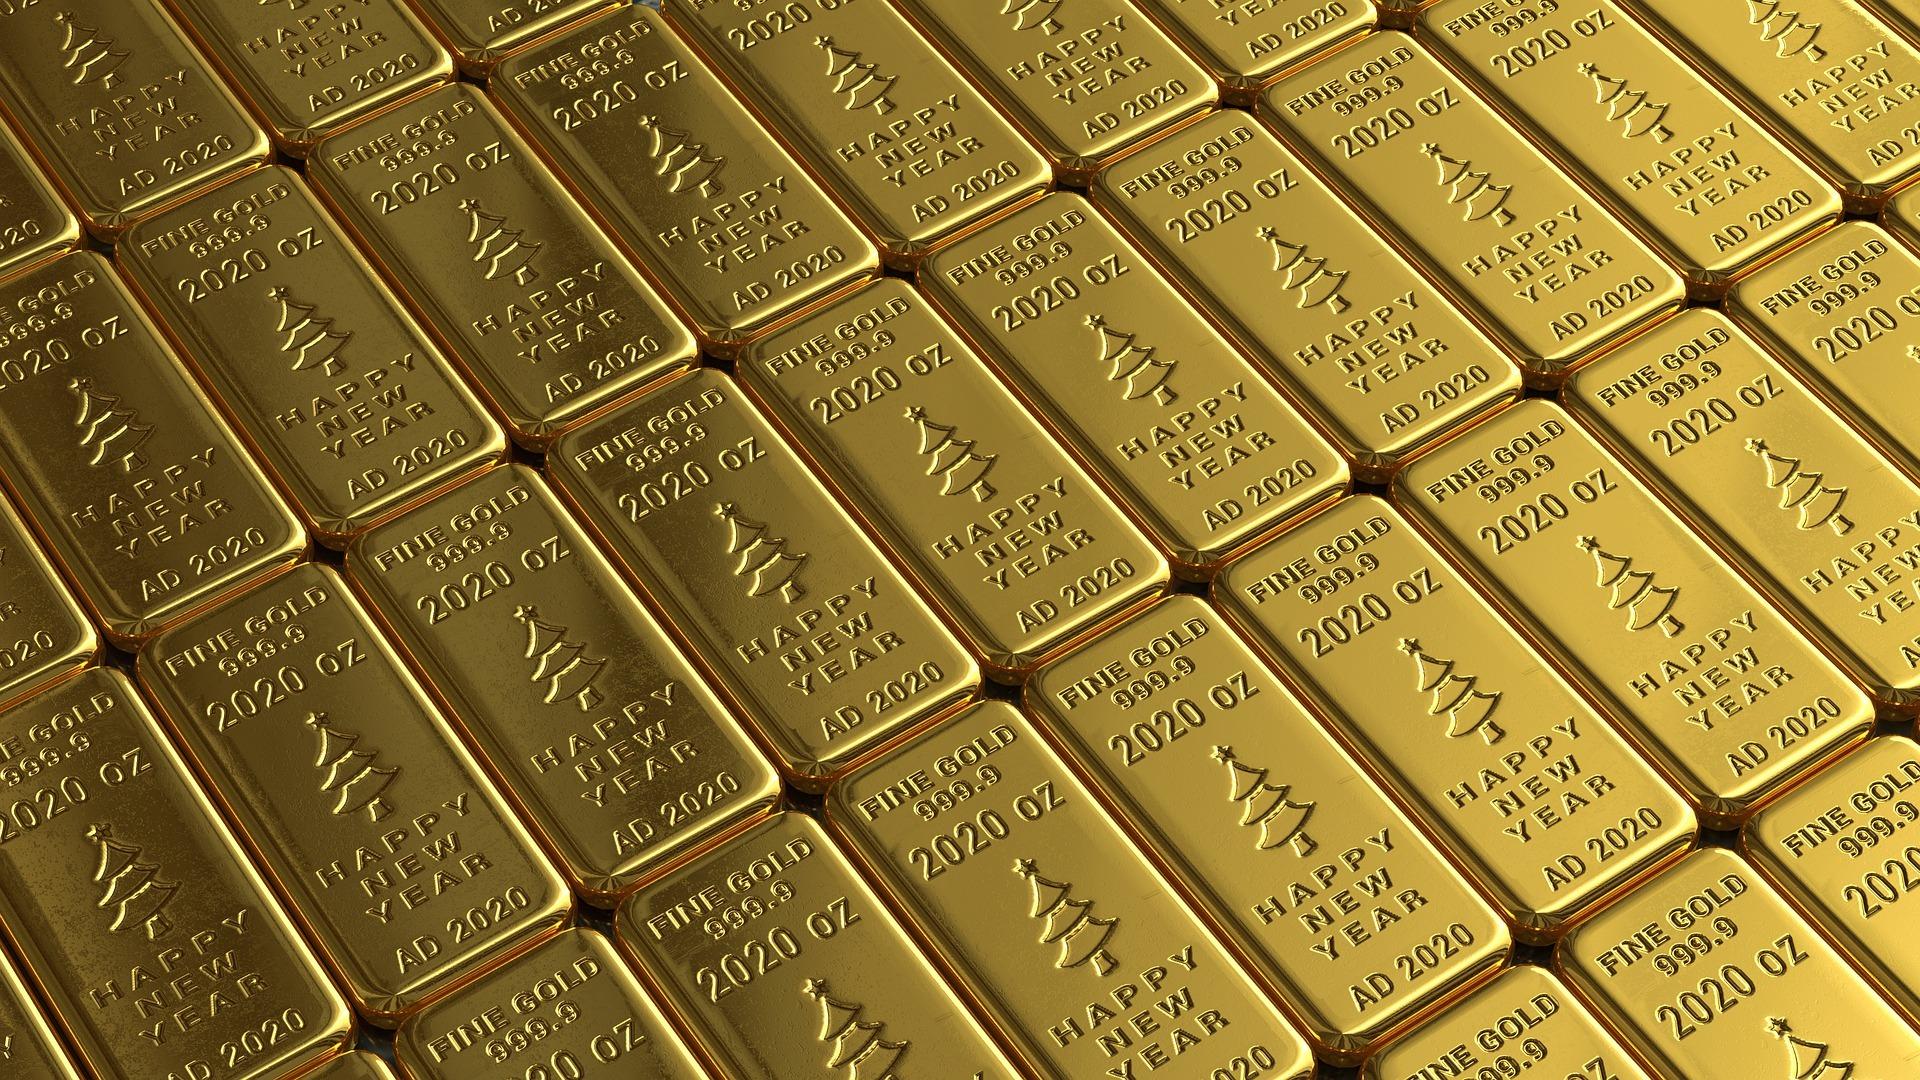 Der Goldpreis mit 1944,71 Dollar pro Feinunze war noch nie höher.